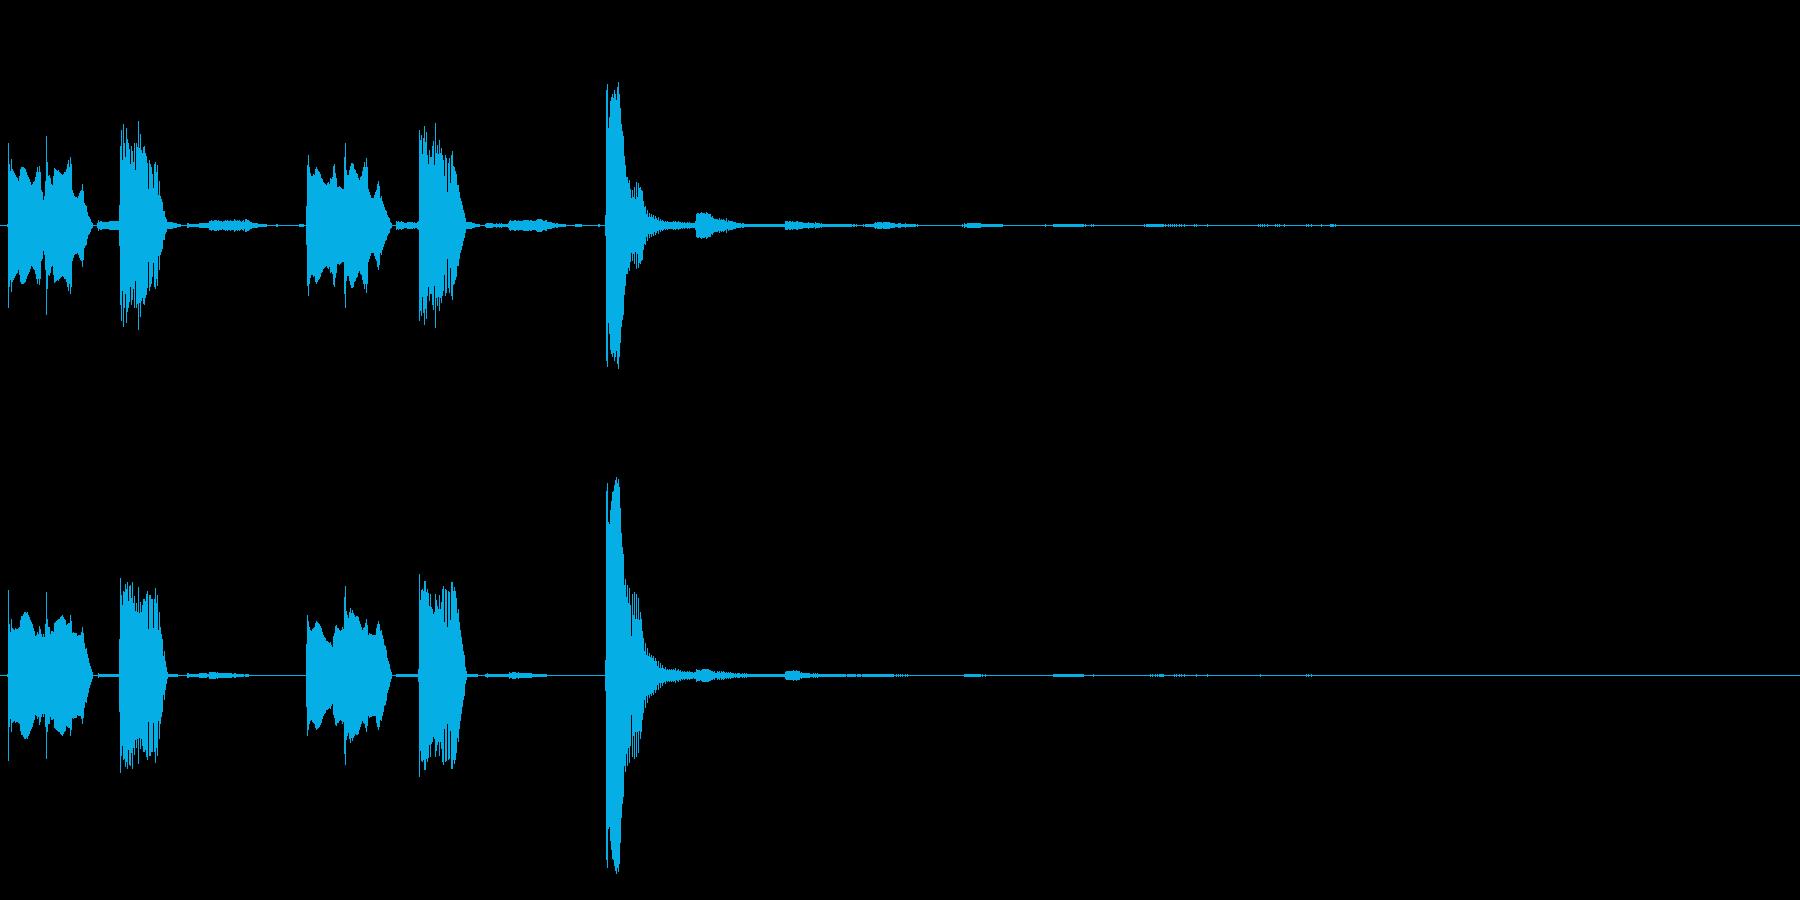 コミカルで明るく切れの良いサウンドロゴの再生済みの波形